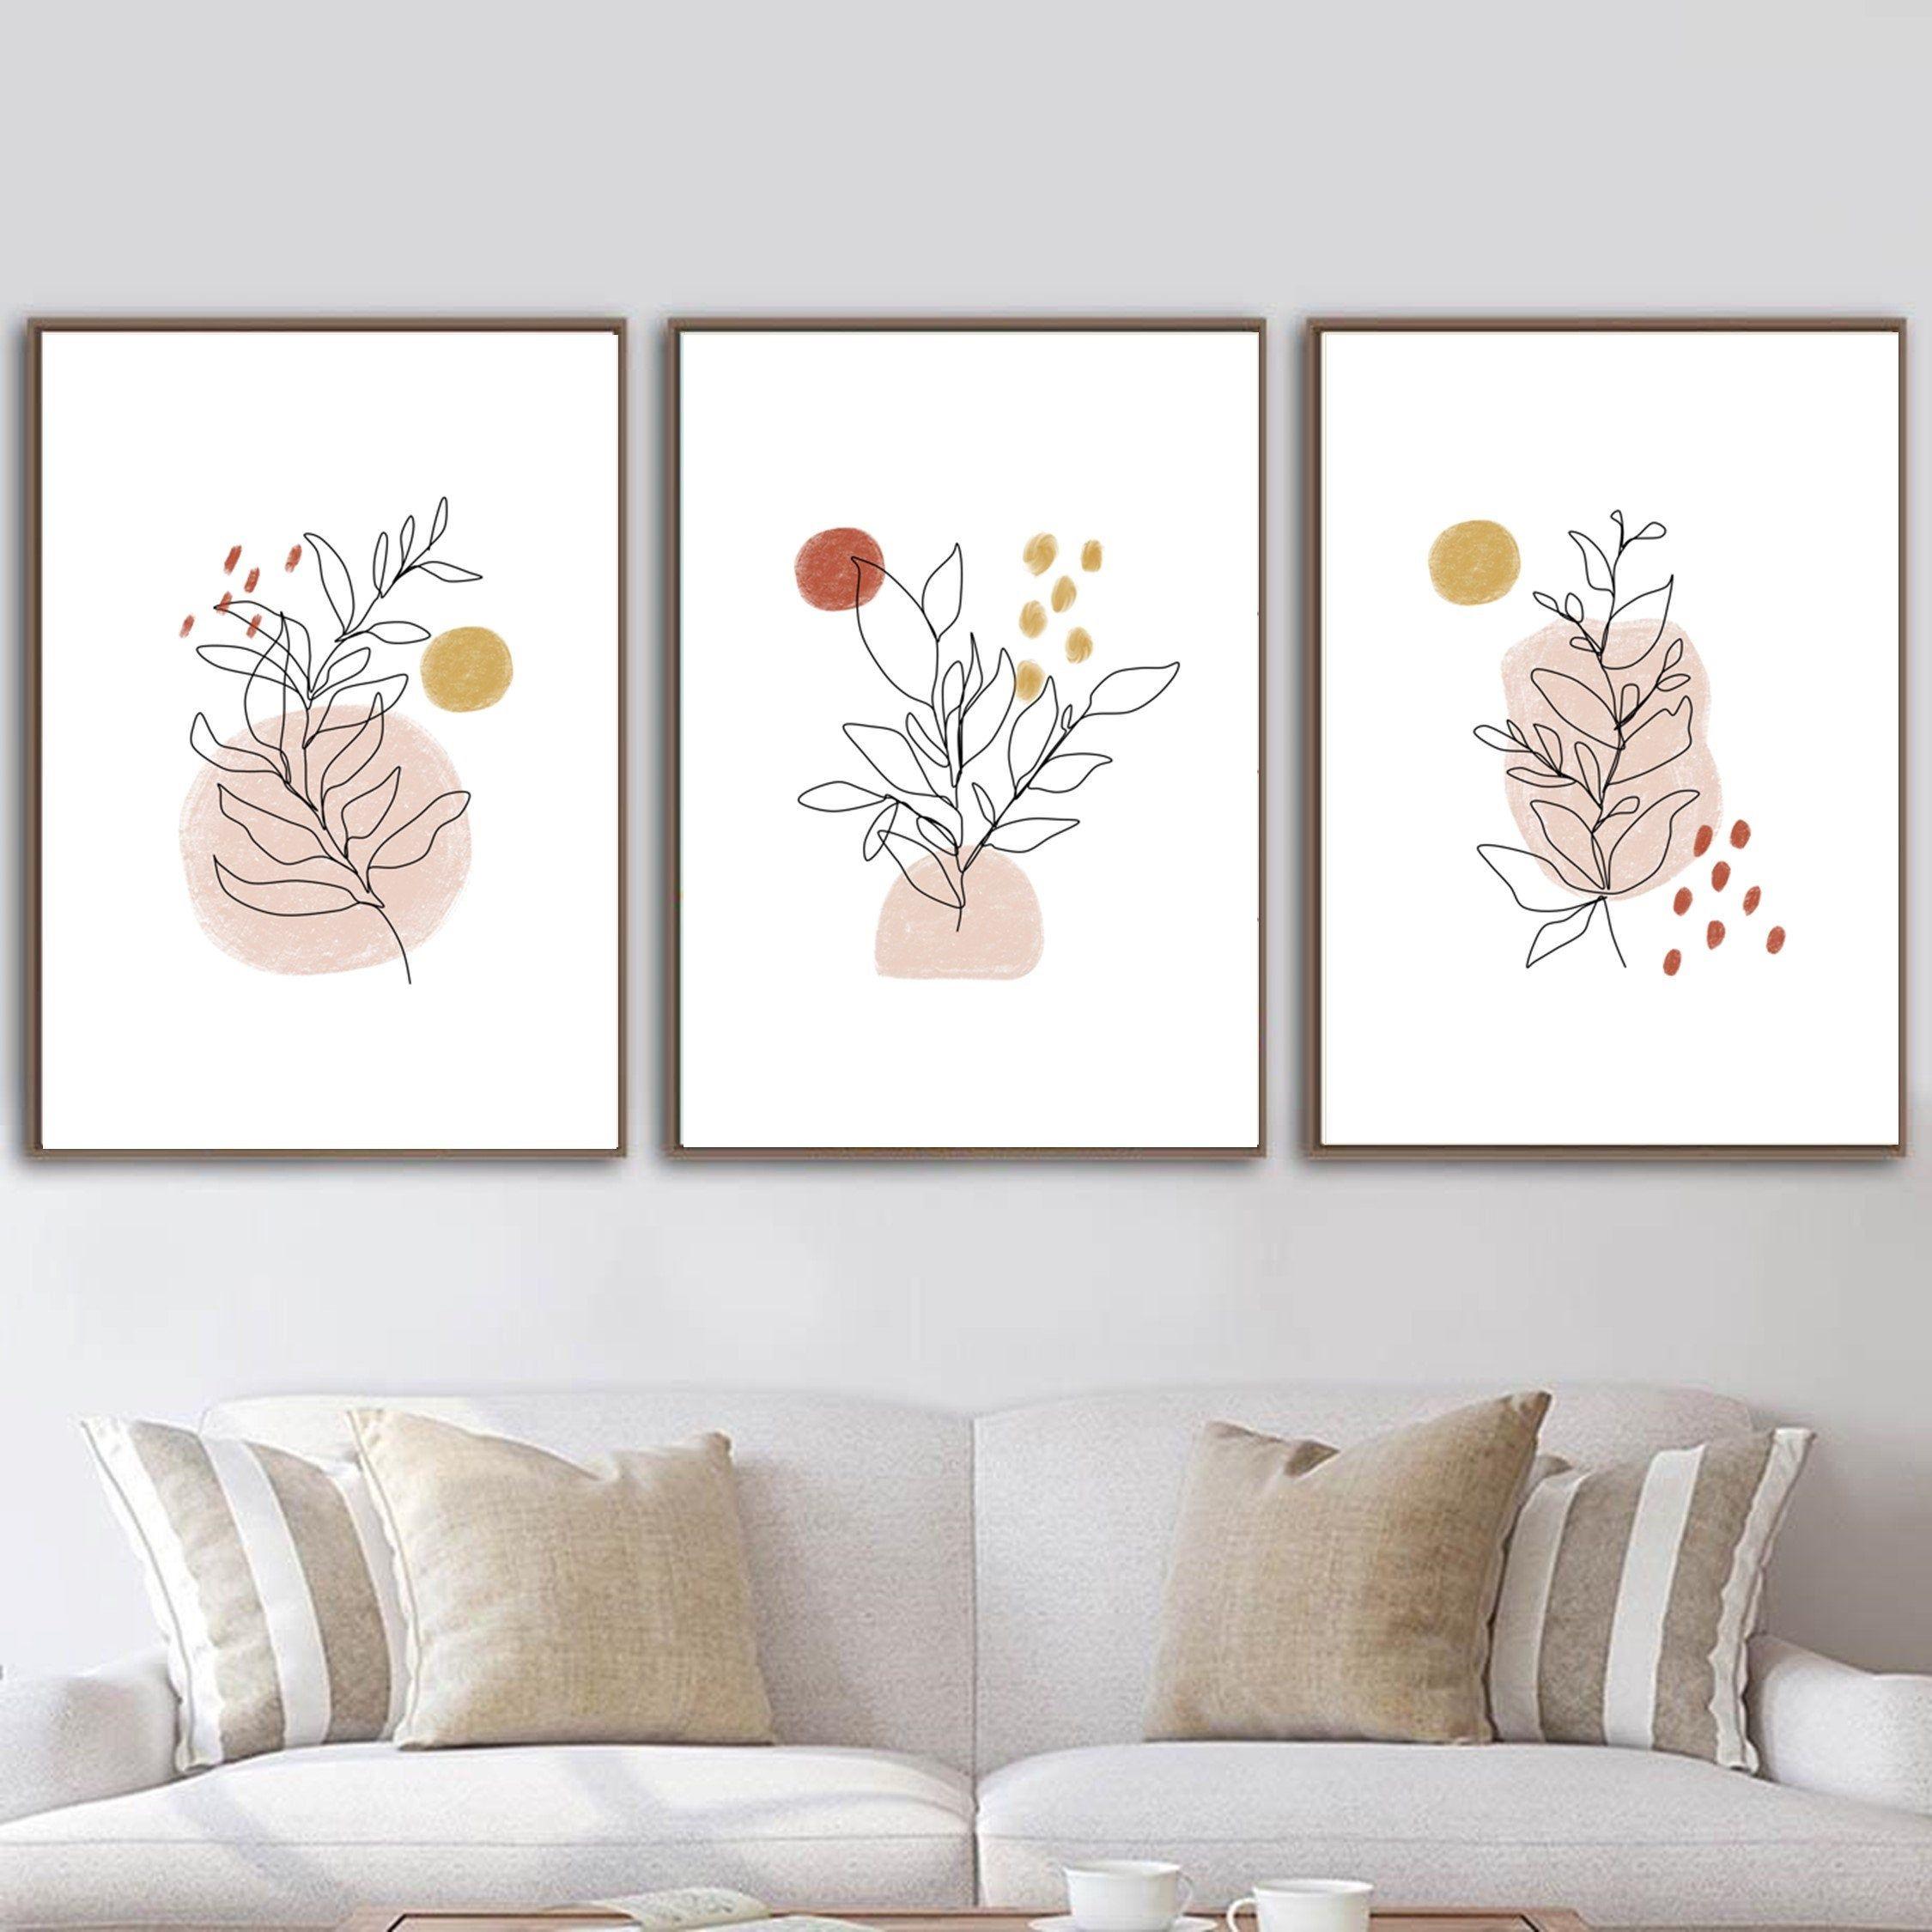 Boho Wall Decor Set Of 3 Prints Abstract Botanical Line Art Etsy In 2021 Boho Wall Art Wall Art Living Room Boho Wall Decor